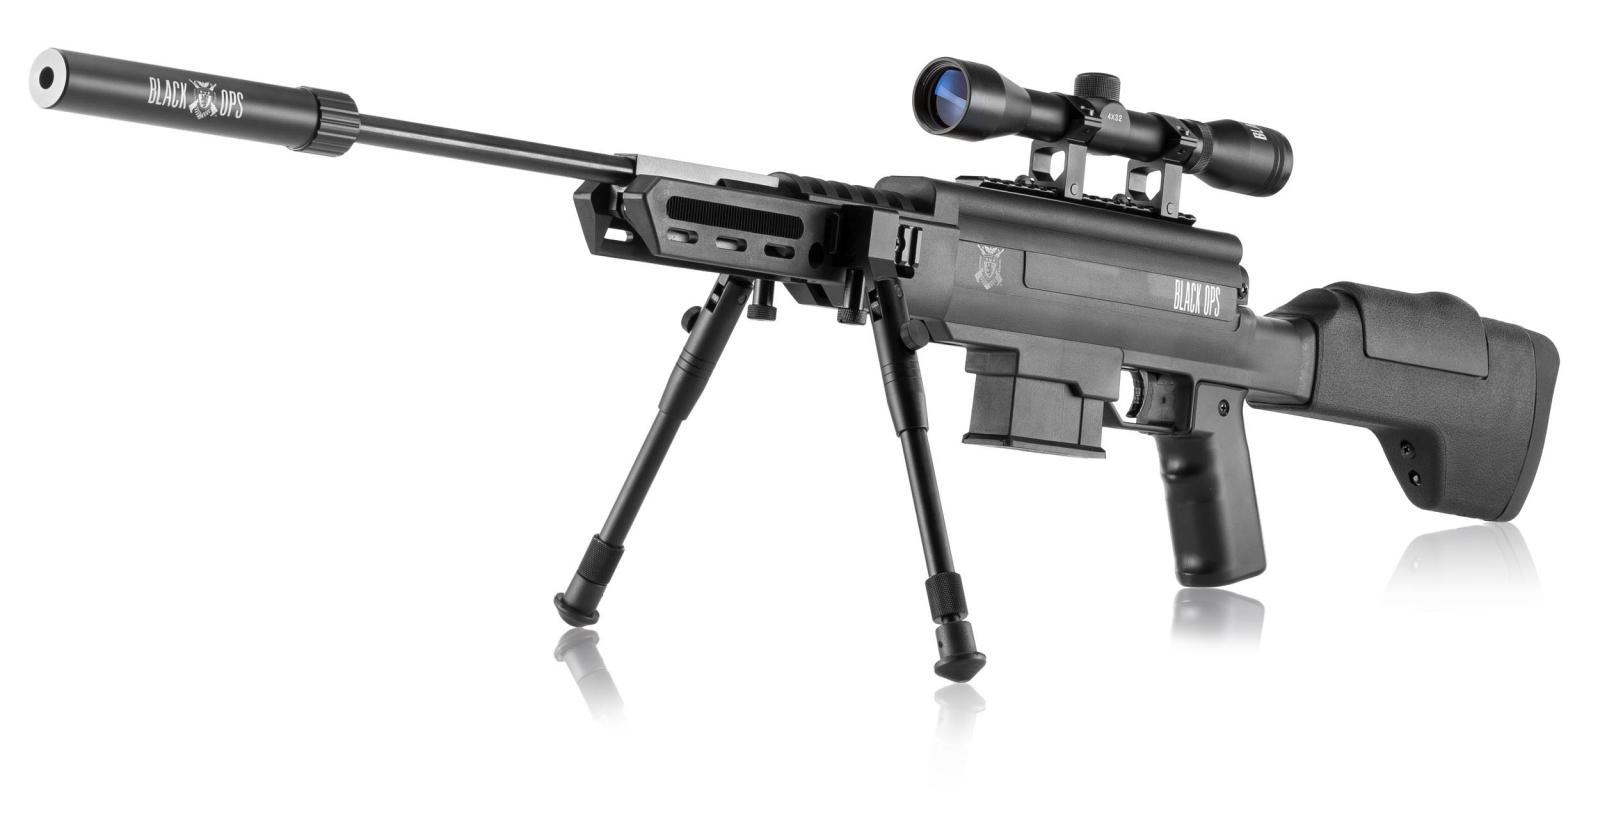 Pack carabine à air comprimé BLACK OPS 4.5 mm avec Bipied, lunette et silencieux